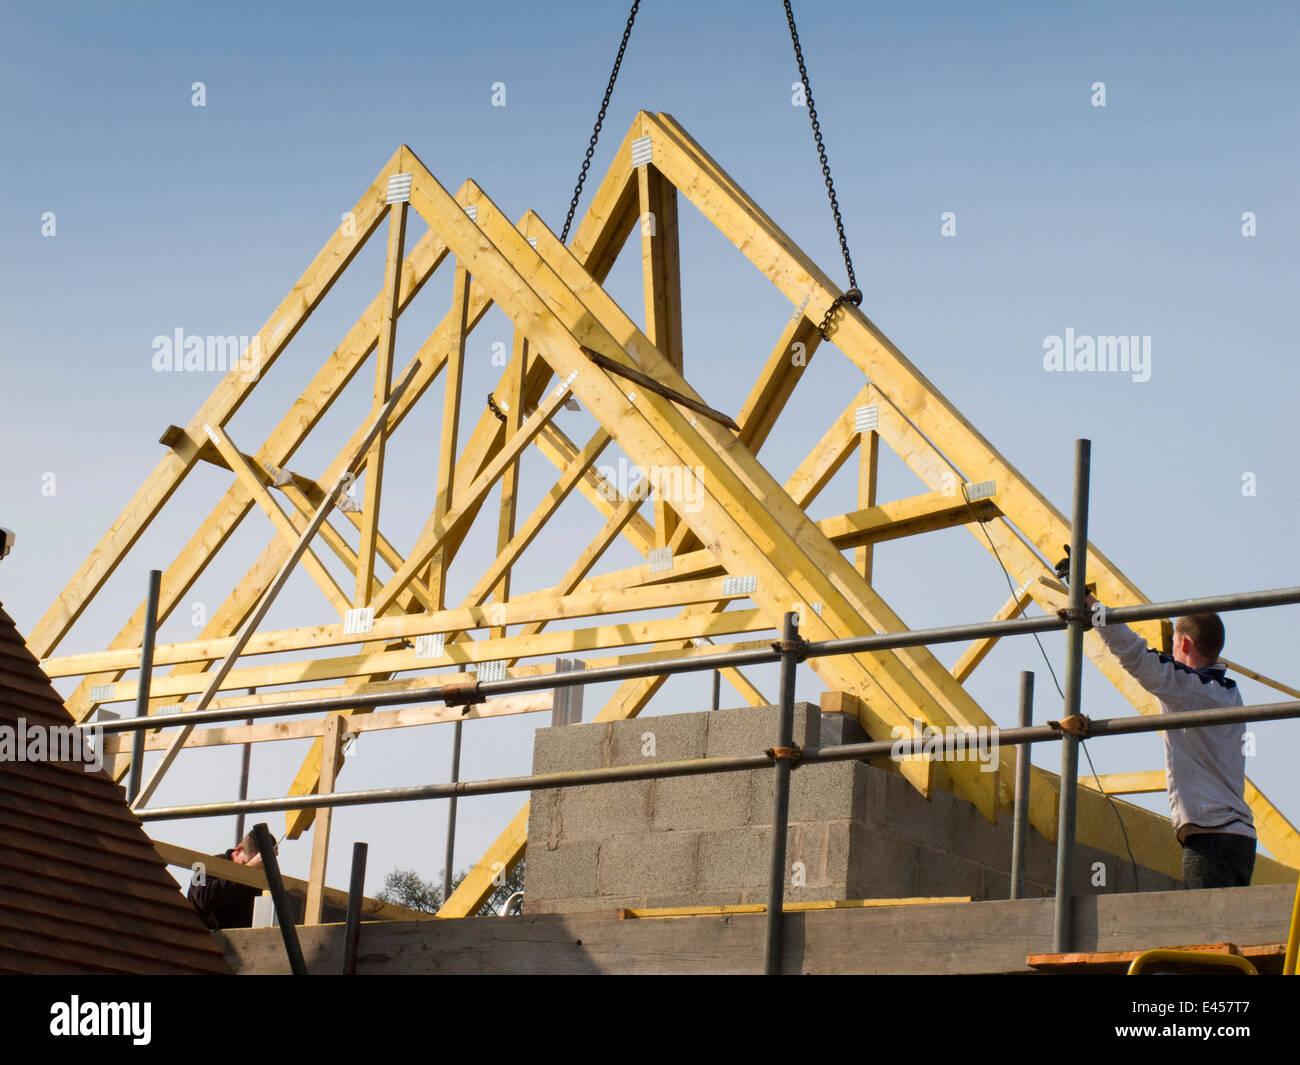 Selbst Haus Bauen Bau Dach Dach Anheben Traversen In Position Mit